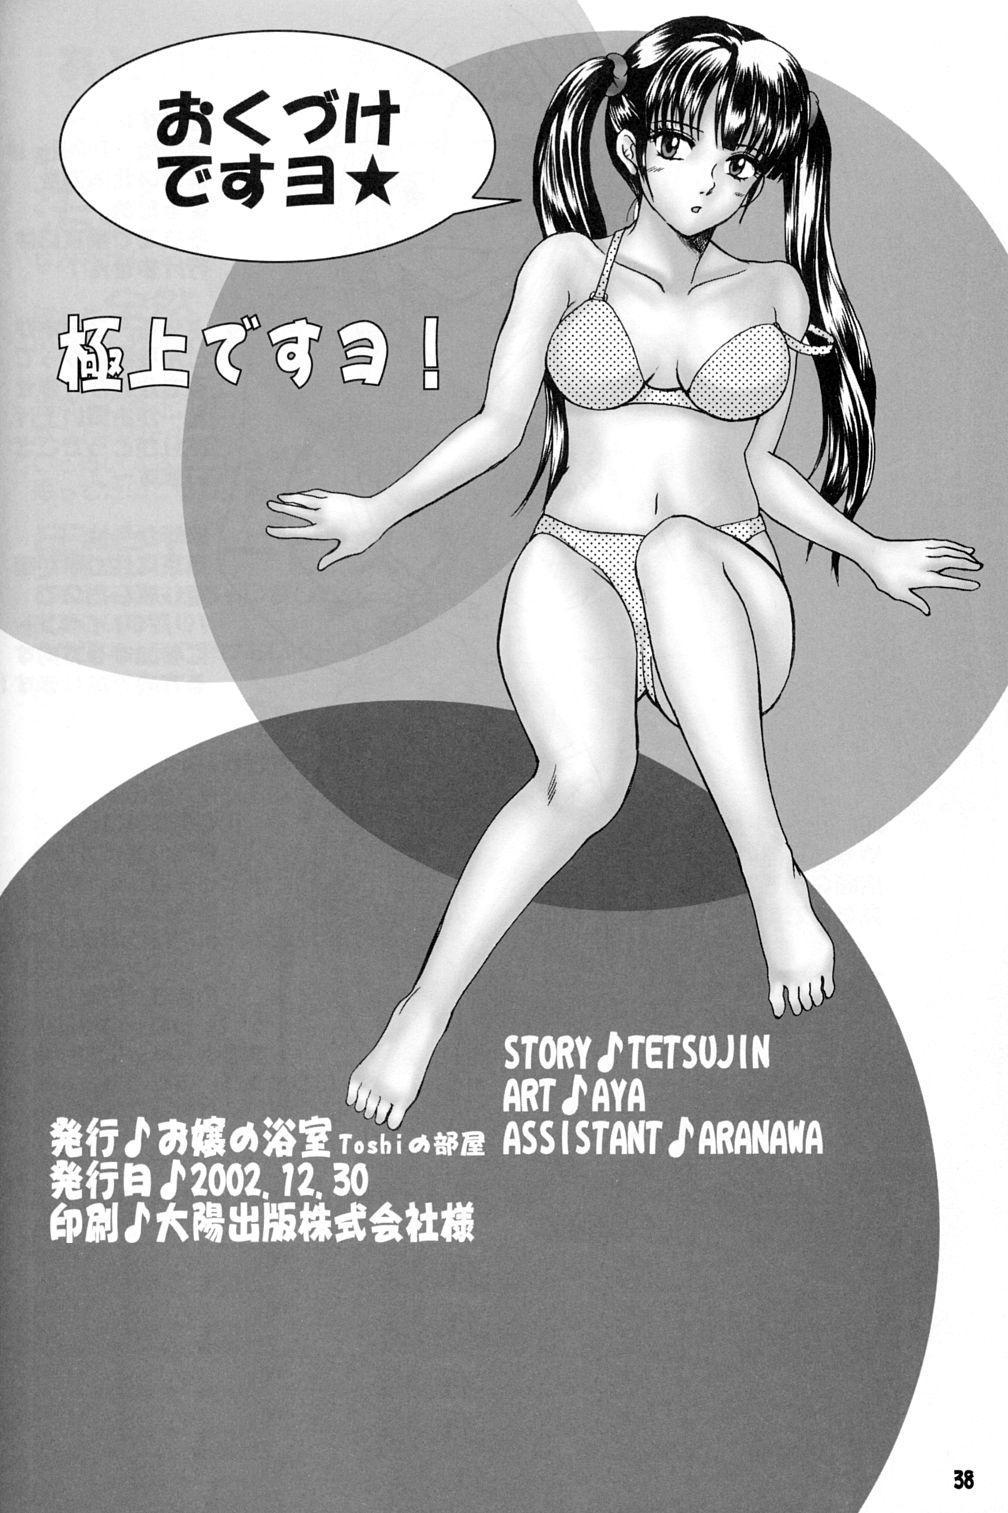 Gokujou desu yo! - It's XTREME! 36